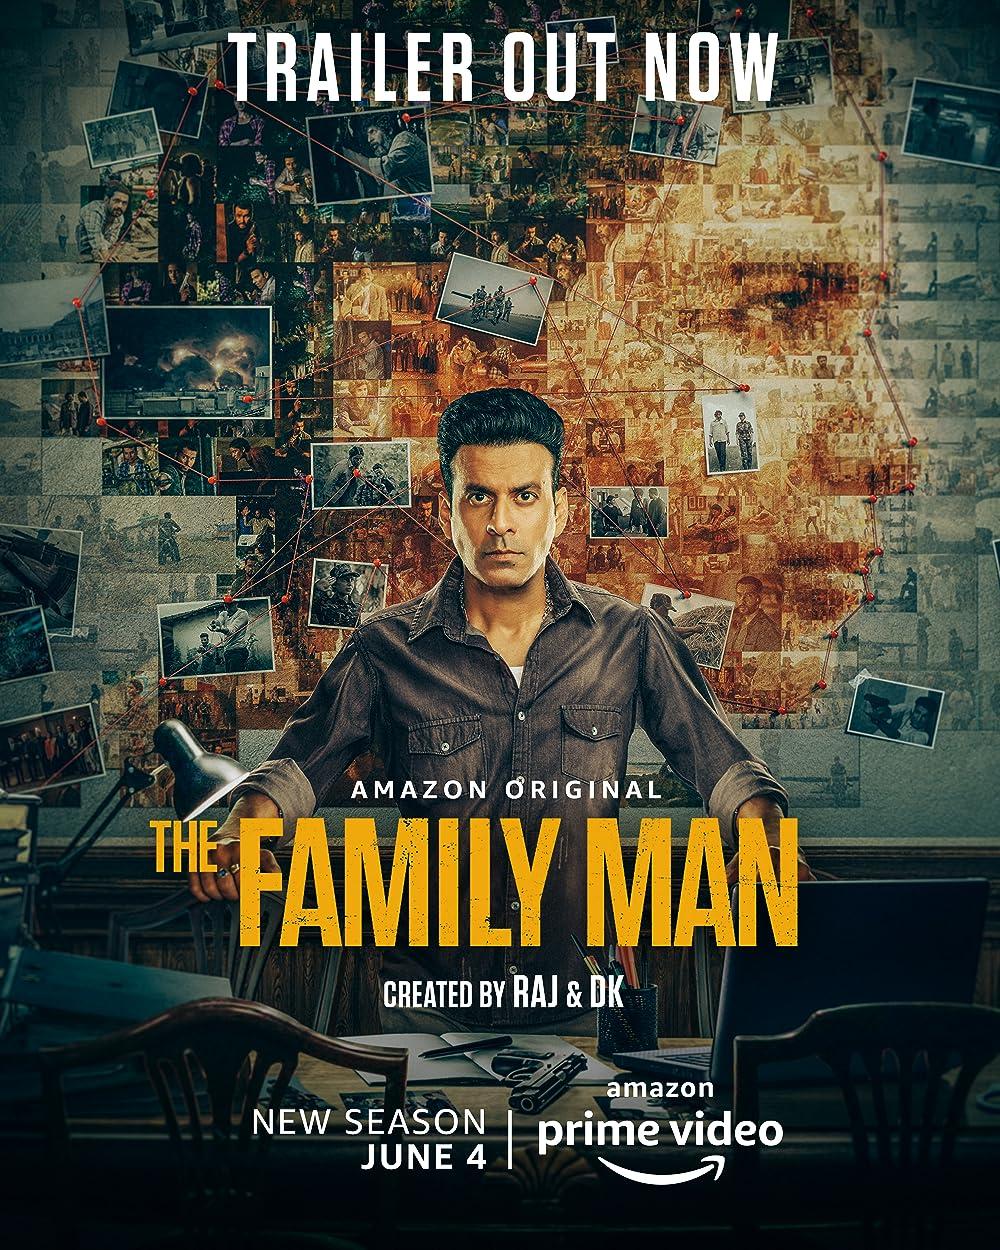 Filmbeschreibung zu The Family Man